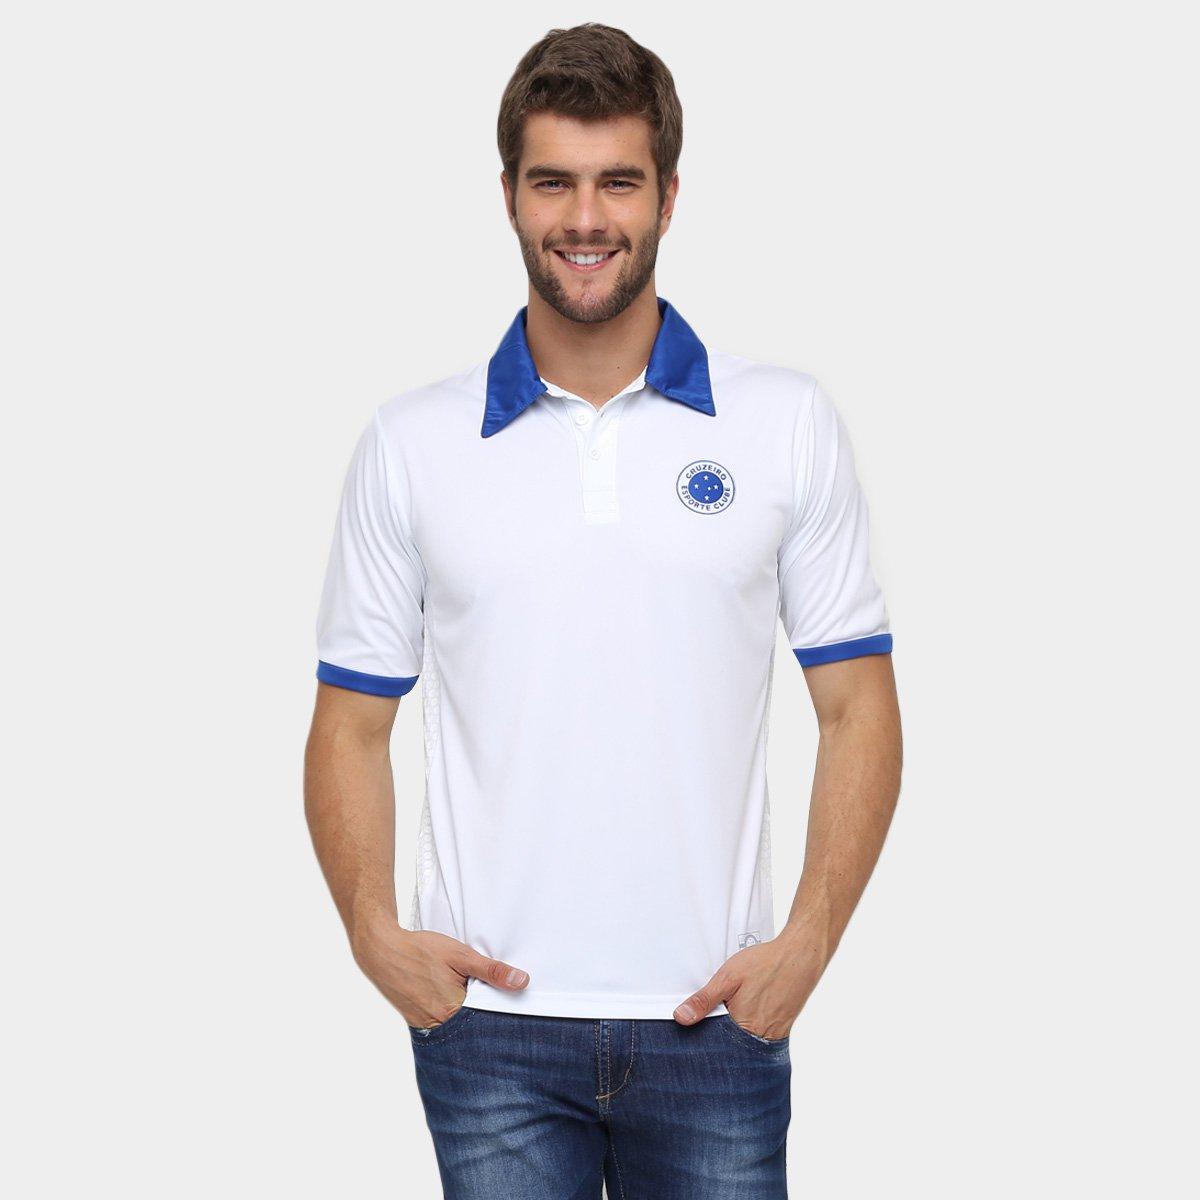 Camisa Polo Cruzeiro Masculina - Compre Agora  455d6d1260ada